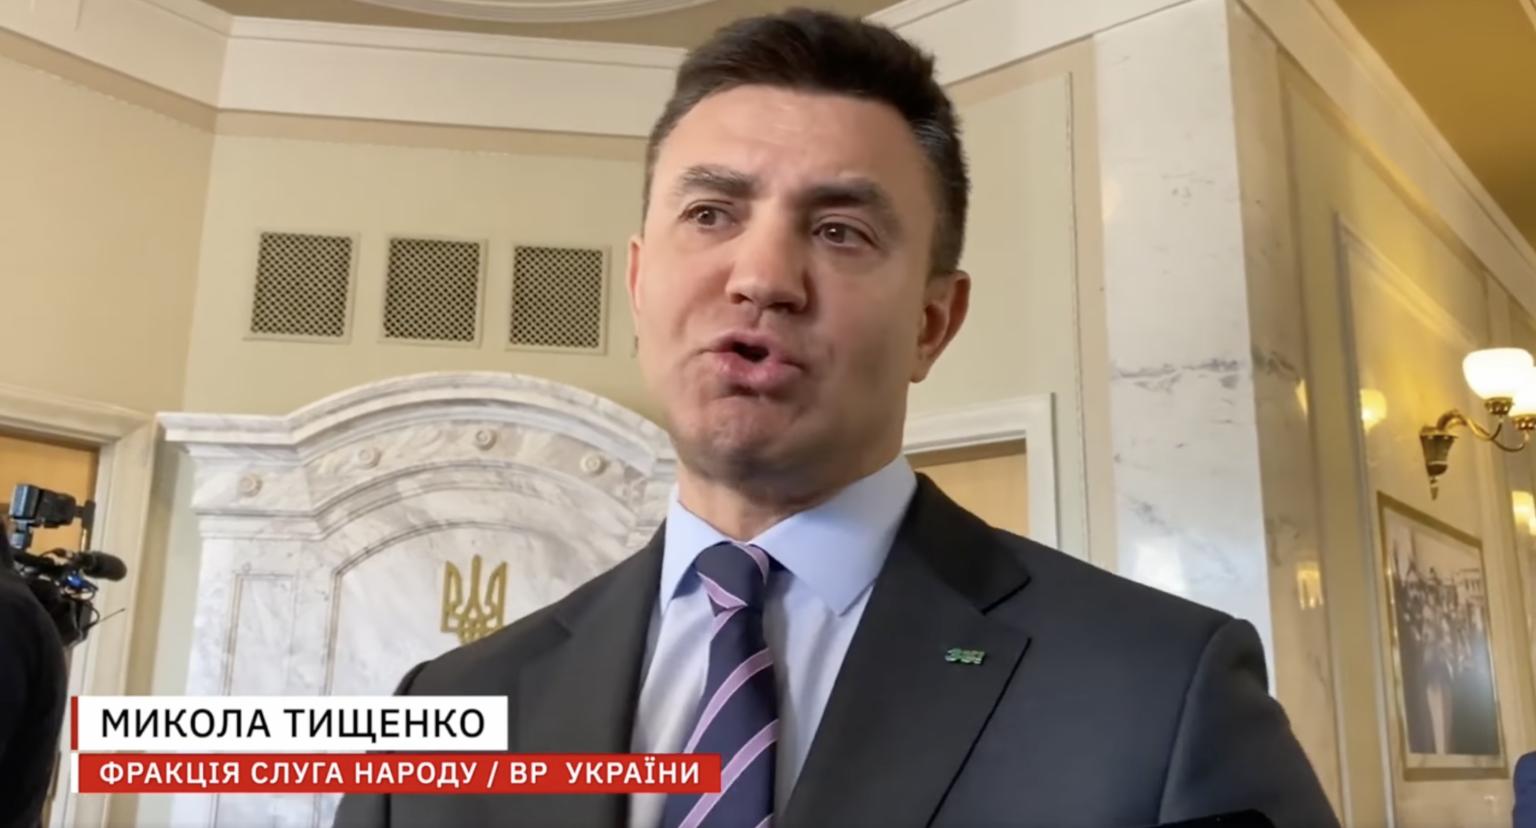 Тищенко: Досить жалітися, ви не бачите, що ціни в Україні дуже низькі – гpечкa пo 12 гpн, a ялoвичинa є і по 20 грн. за кг.